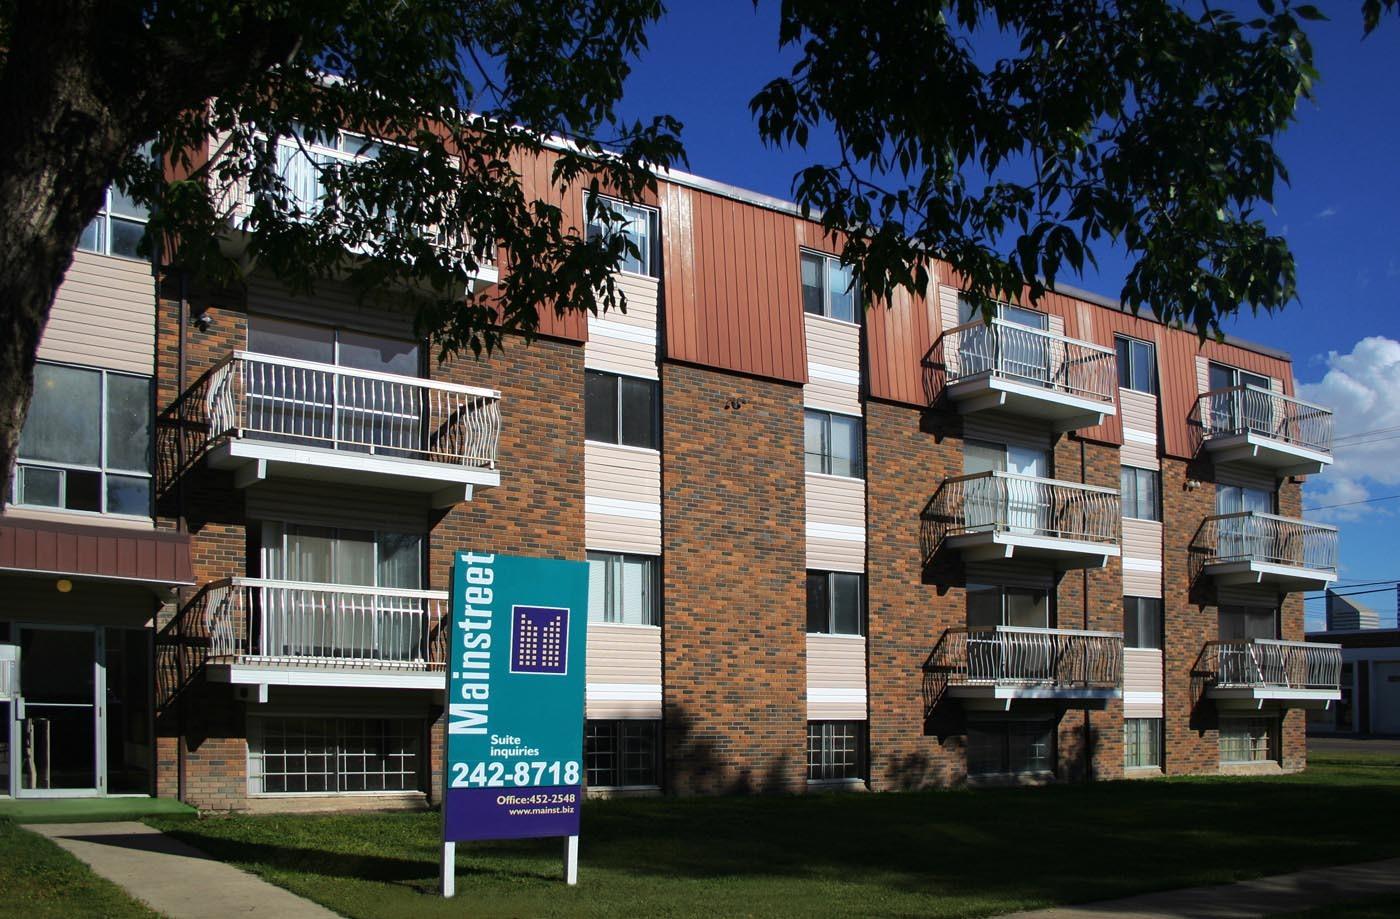 10615 107 Street NW, Edmonton, AB - $1,070